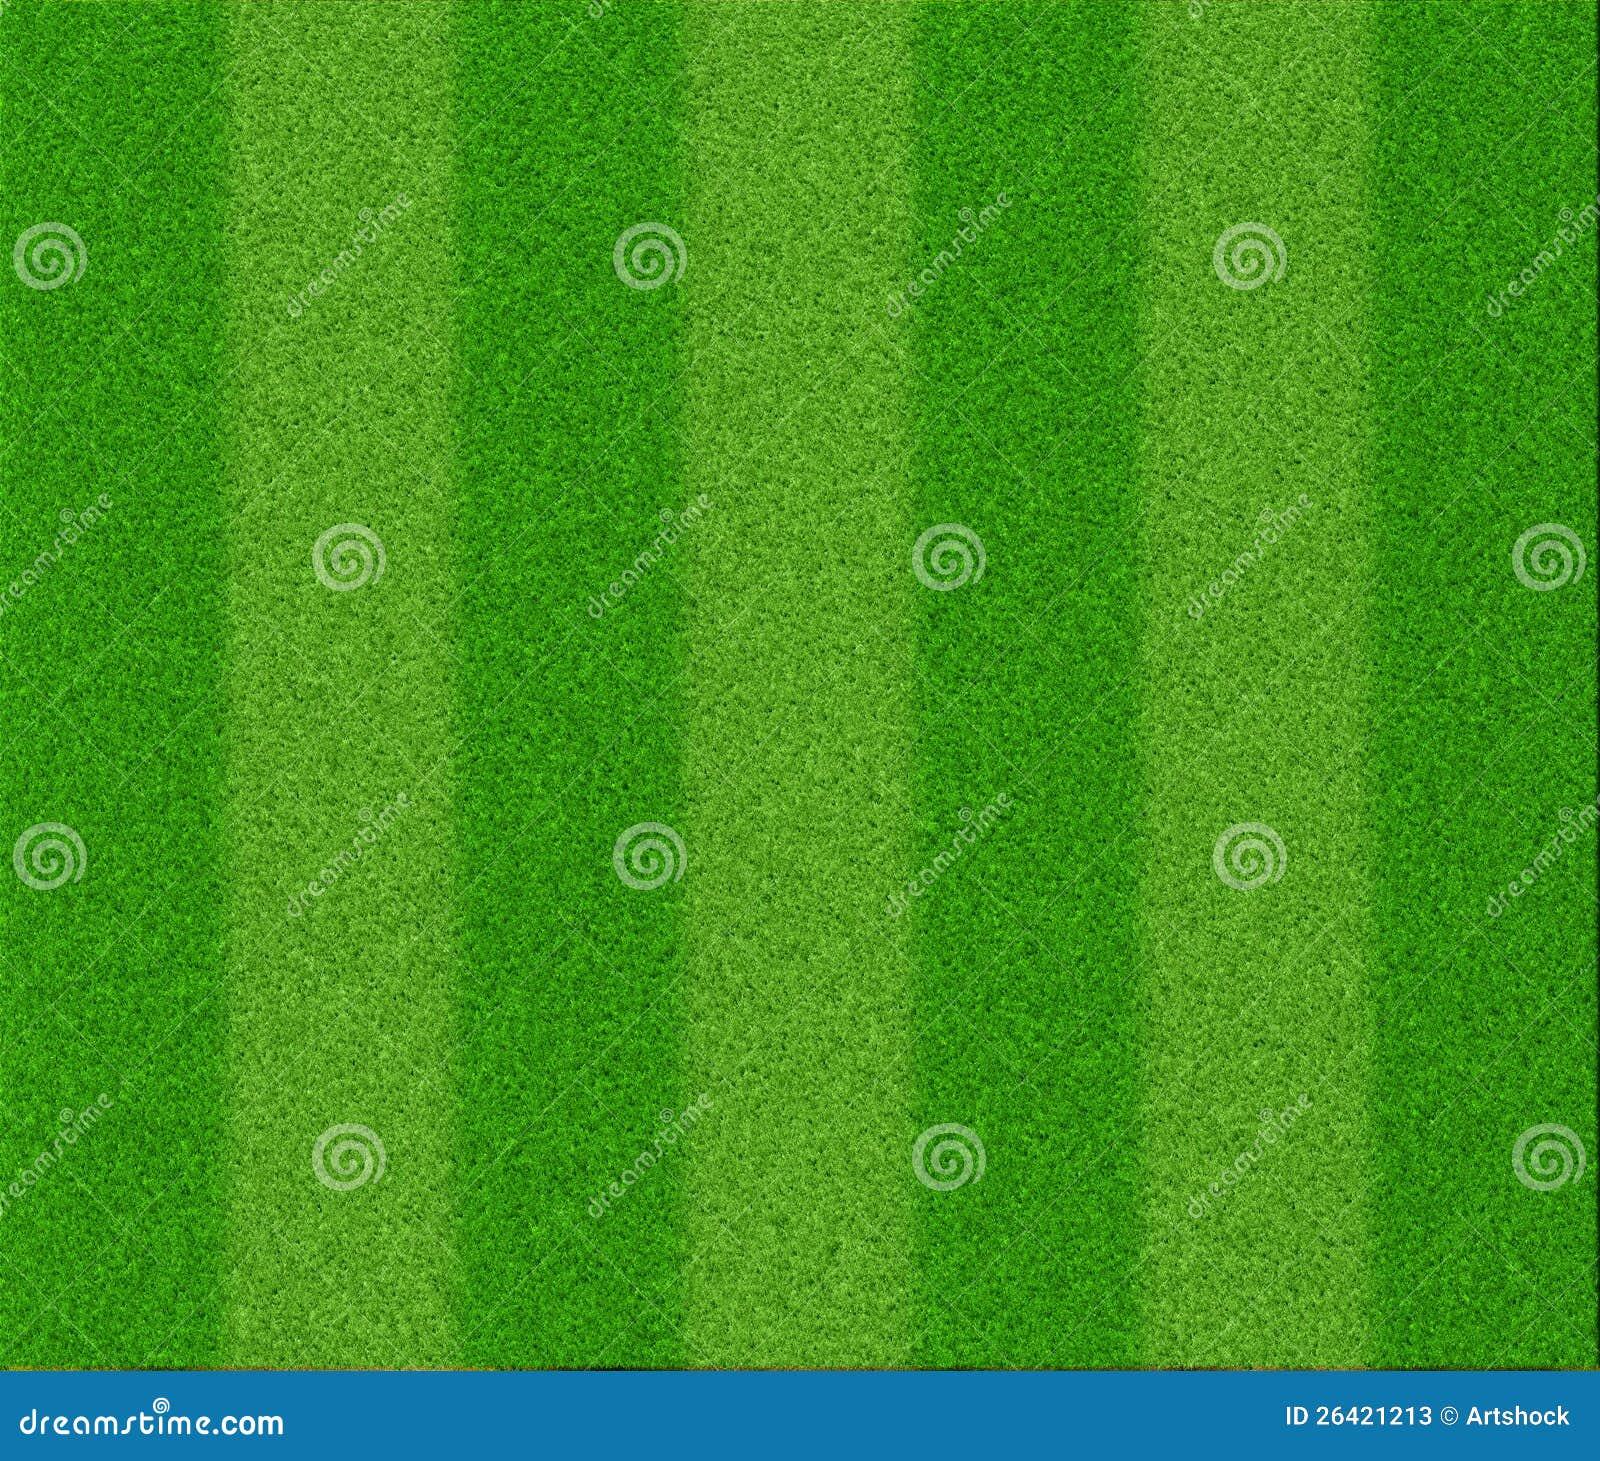 Textura de la hierba del balompié